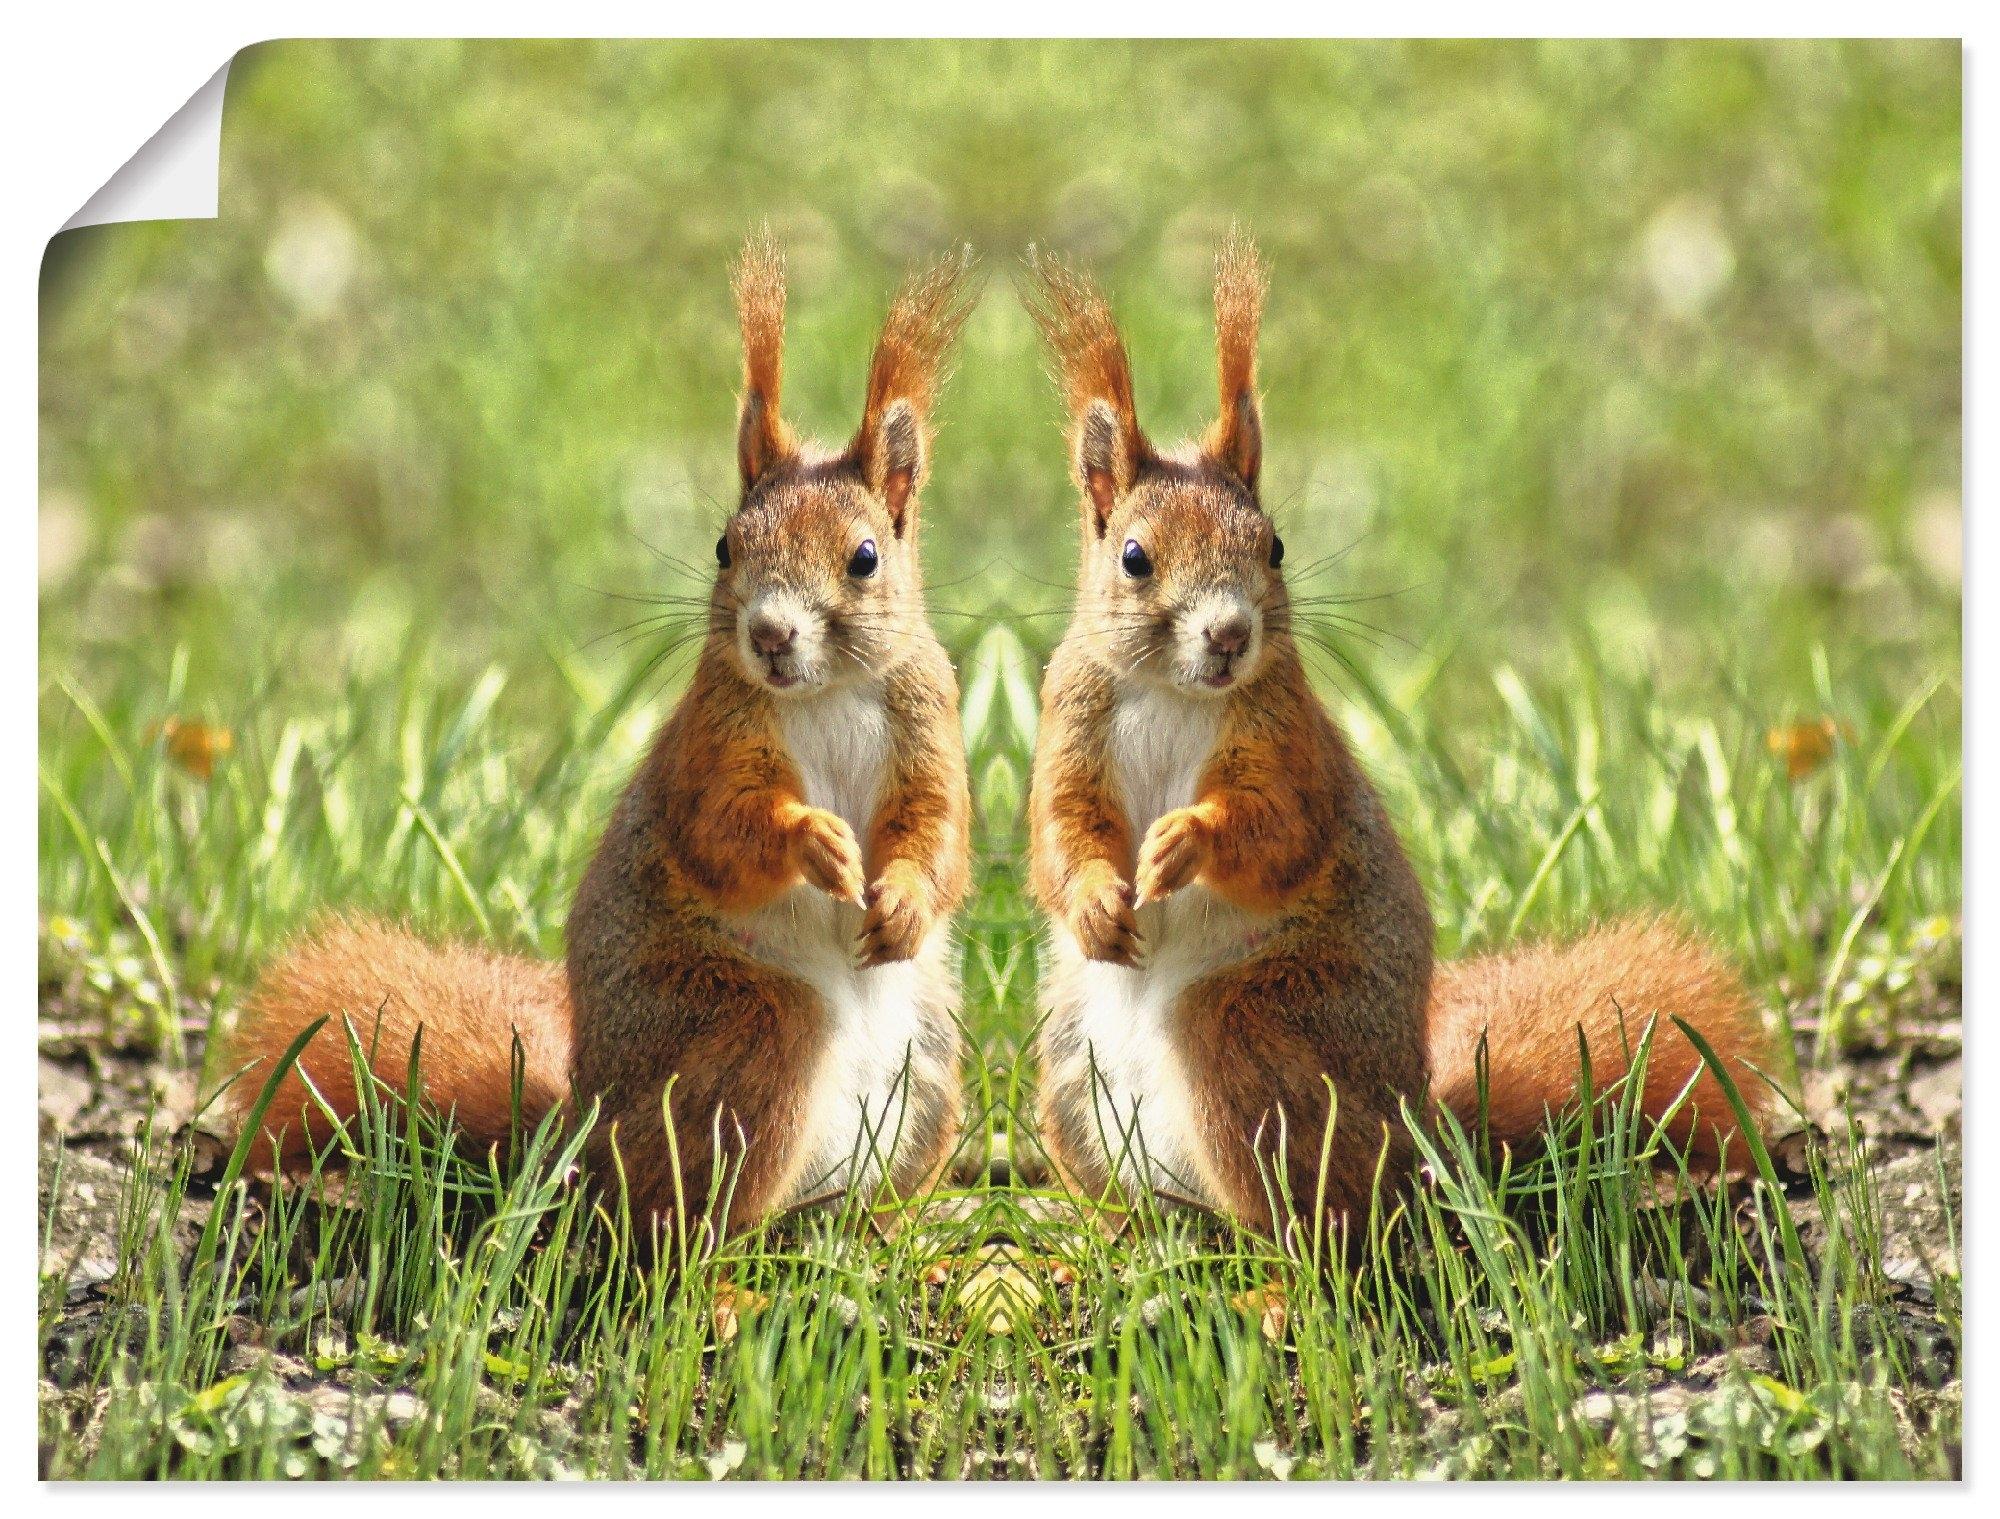 Artland artprint Rood eekhoorntje tweelingen in vele afmetingen & productsoorten - artprint van aluminium / artprint voor buiten, artprint op linnen, poster, muursticker / wandfolie ook geschikt voor de badkamer (1 stuk) online kopen op otto.nl